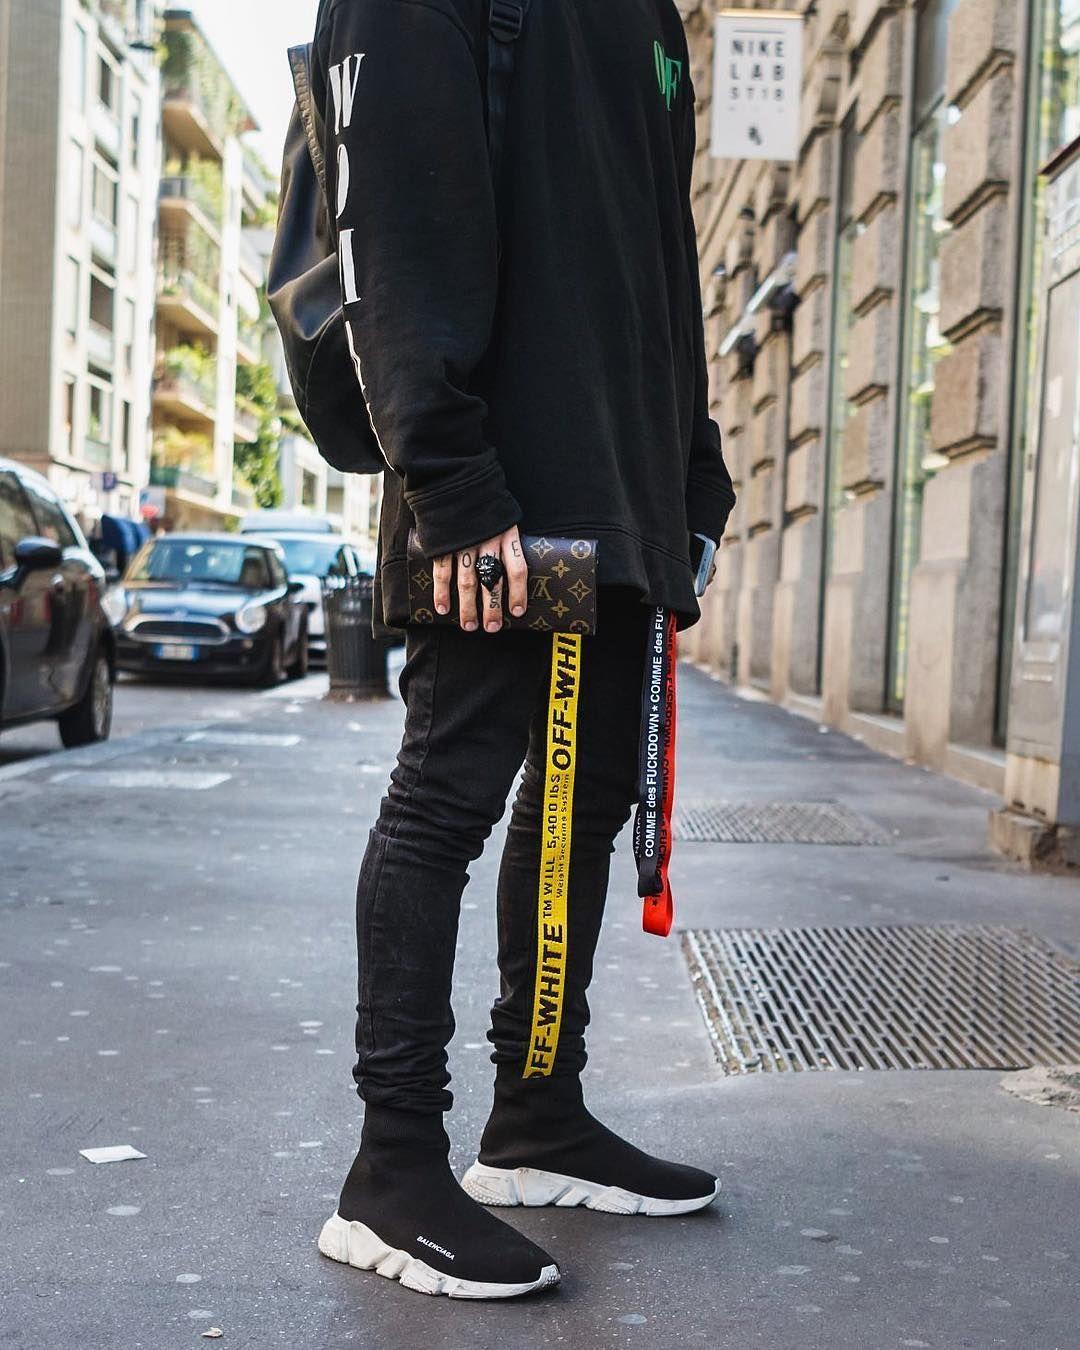 Ootd 2018 #balenciaga hype hypebeast black pants gucci gang supreme bape | Modas | Pinterest ...